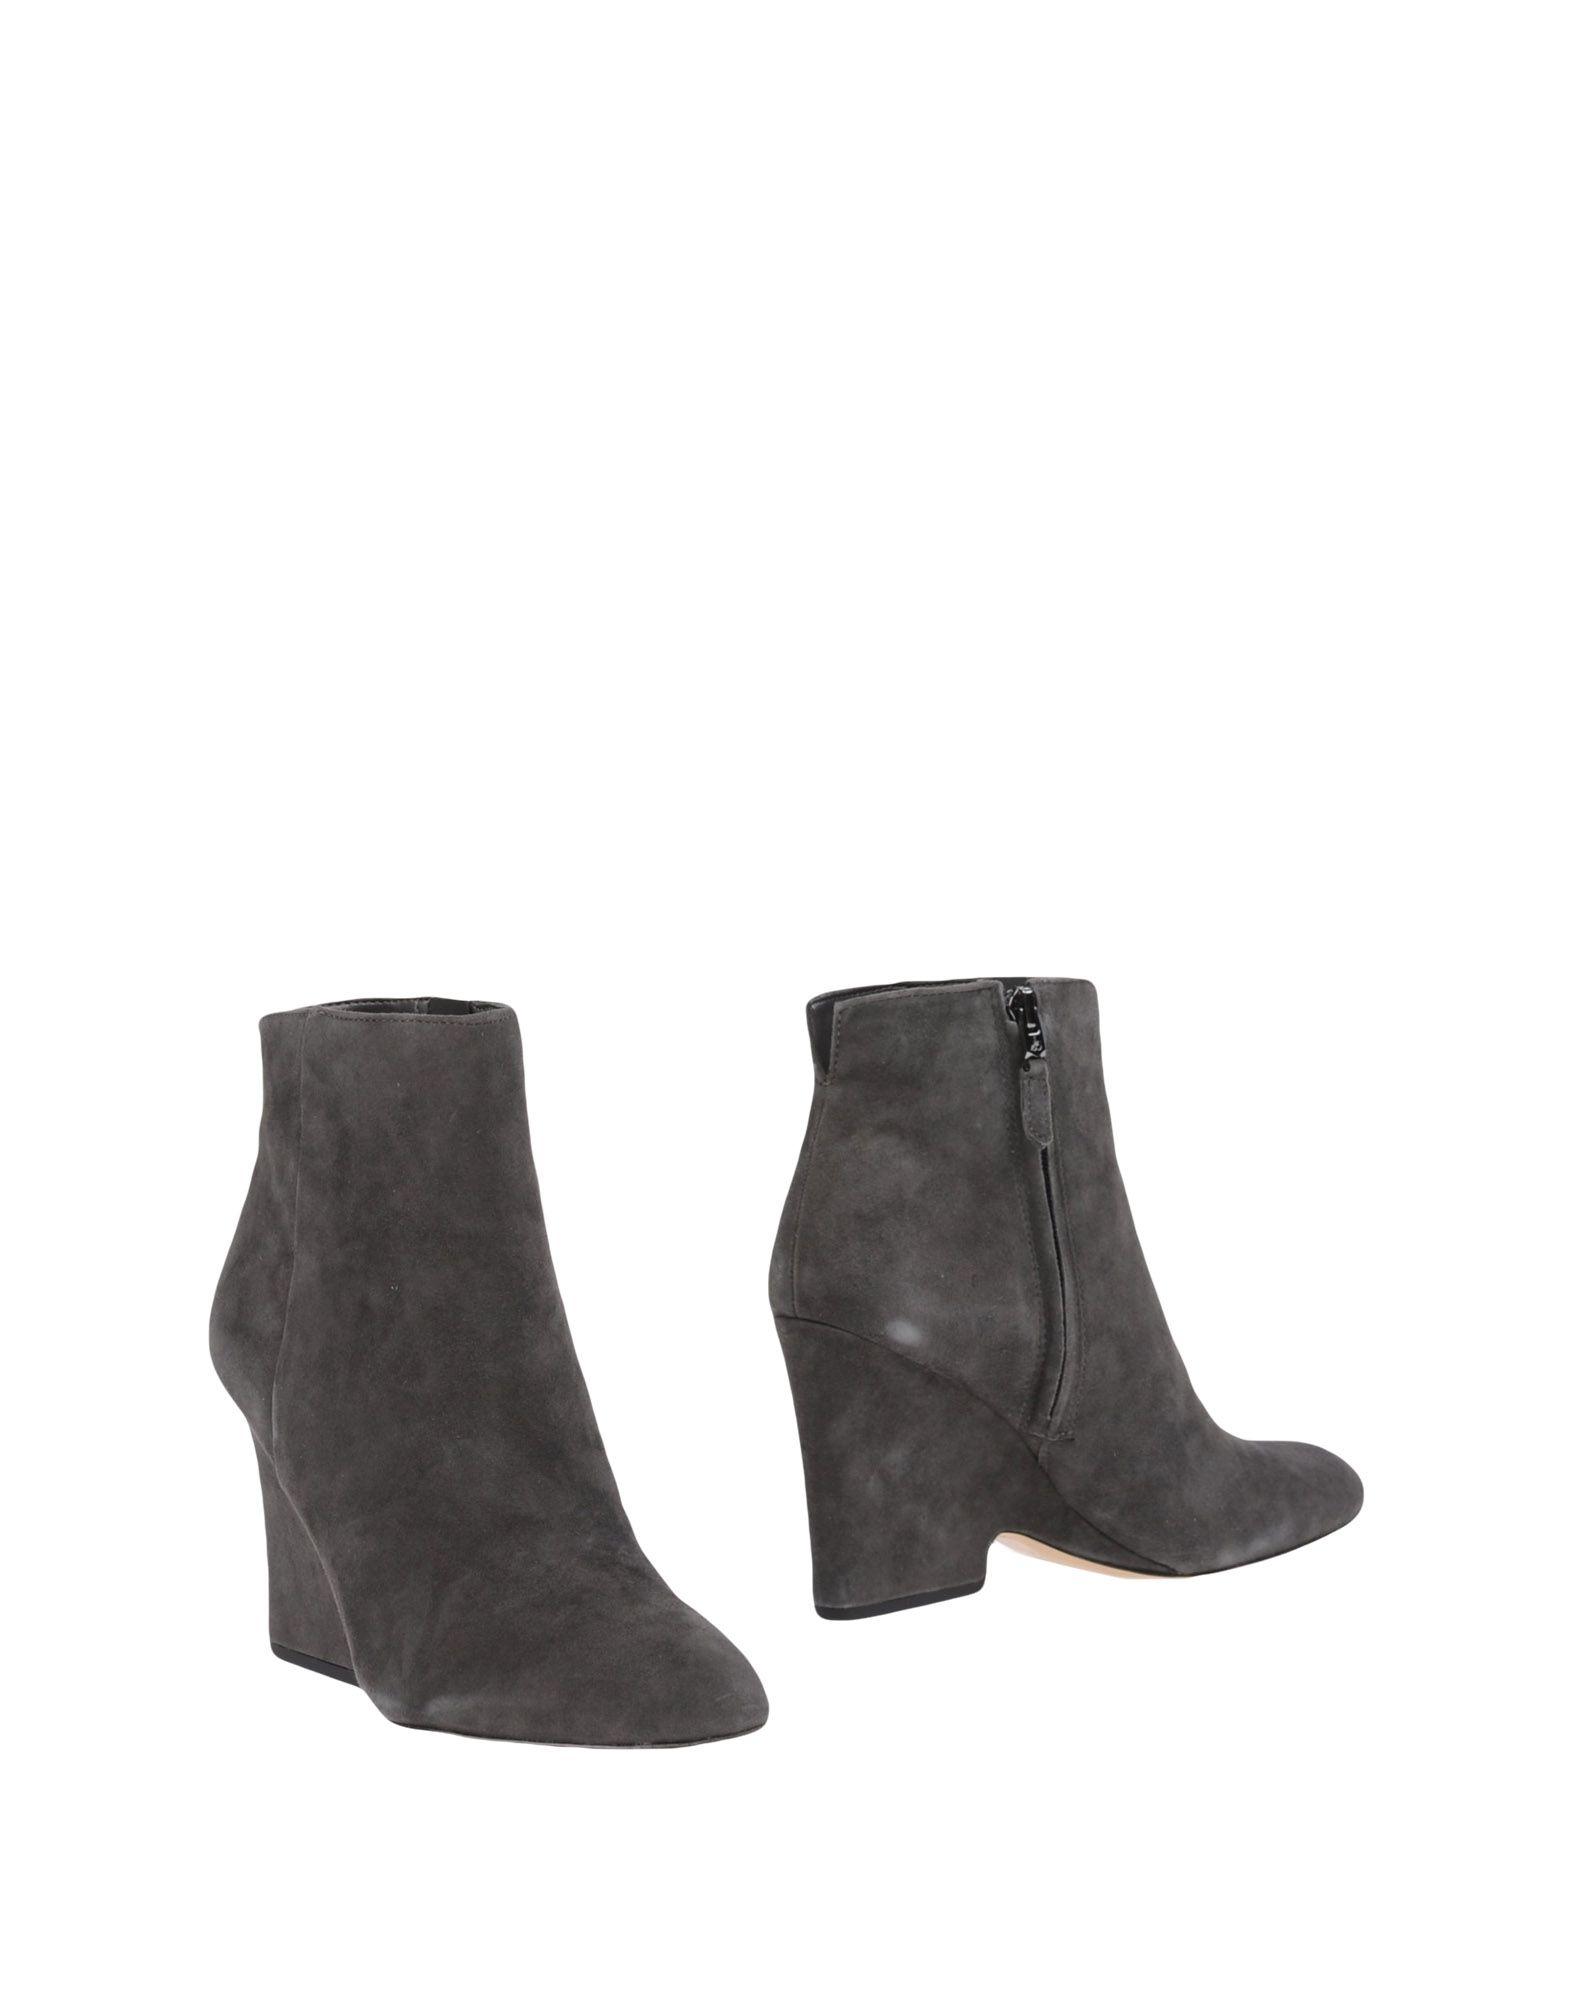 Sam Edelman Ankle Boot - Women Sam Edelman Ankle Boots - online on  Australia - Boots 11224172TI 7547e1